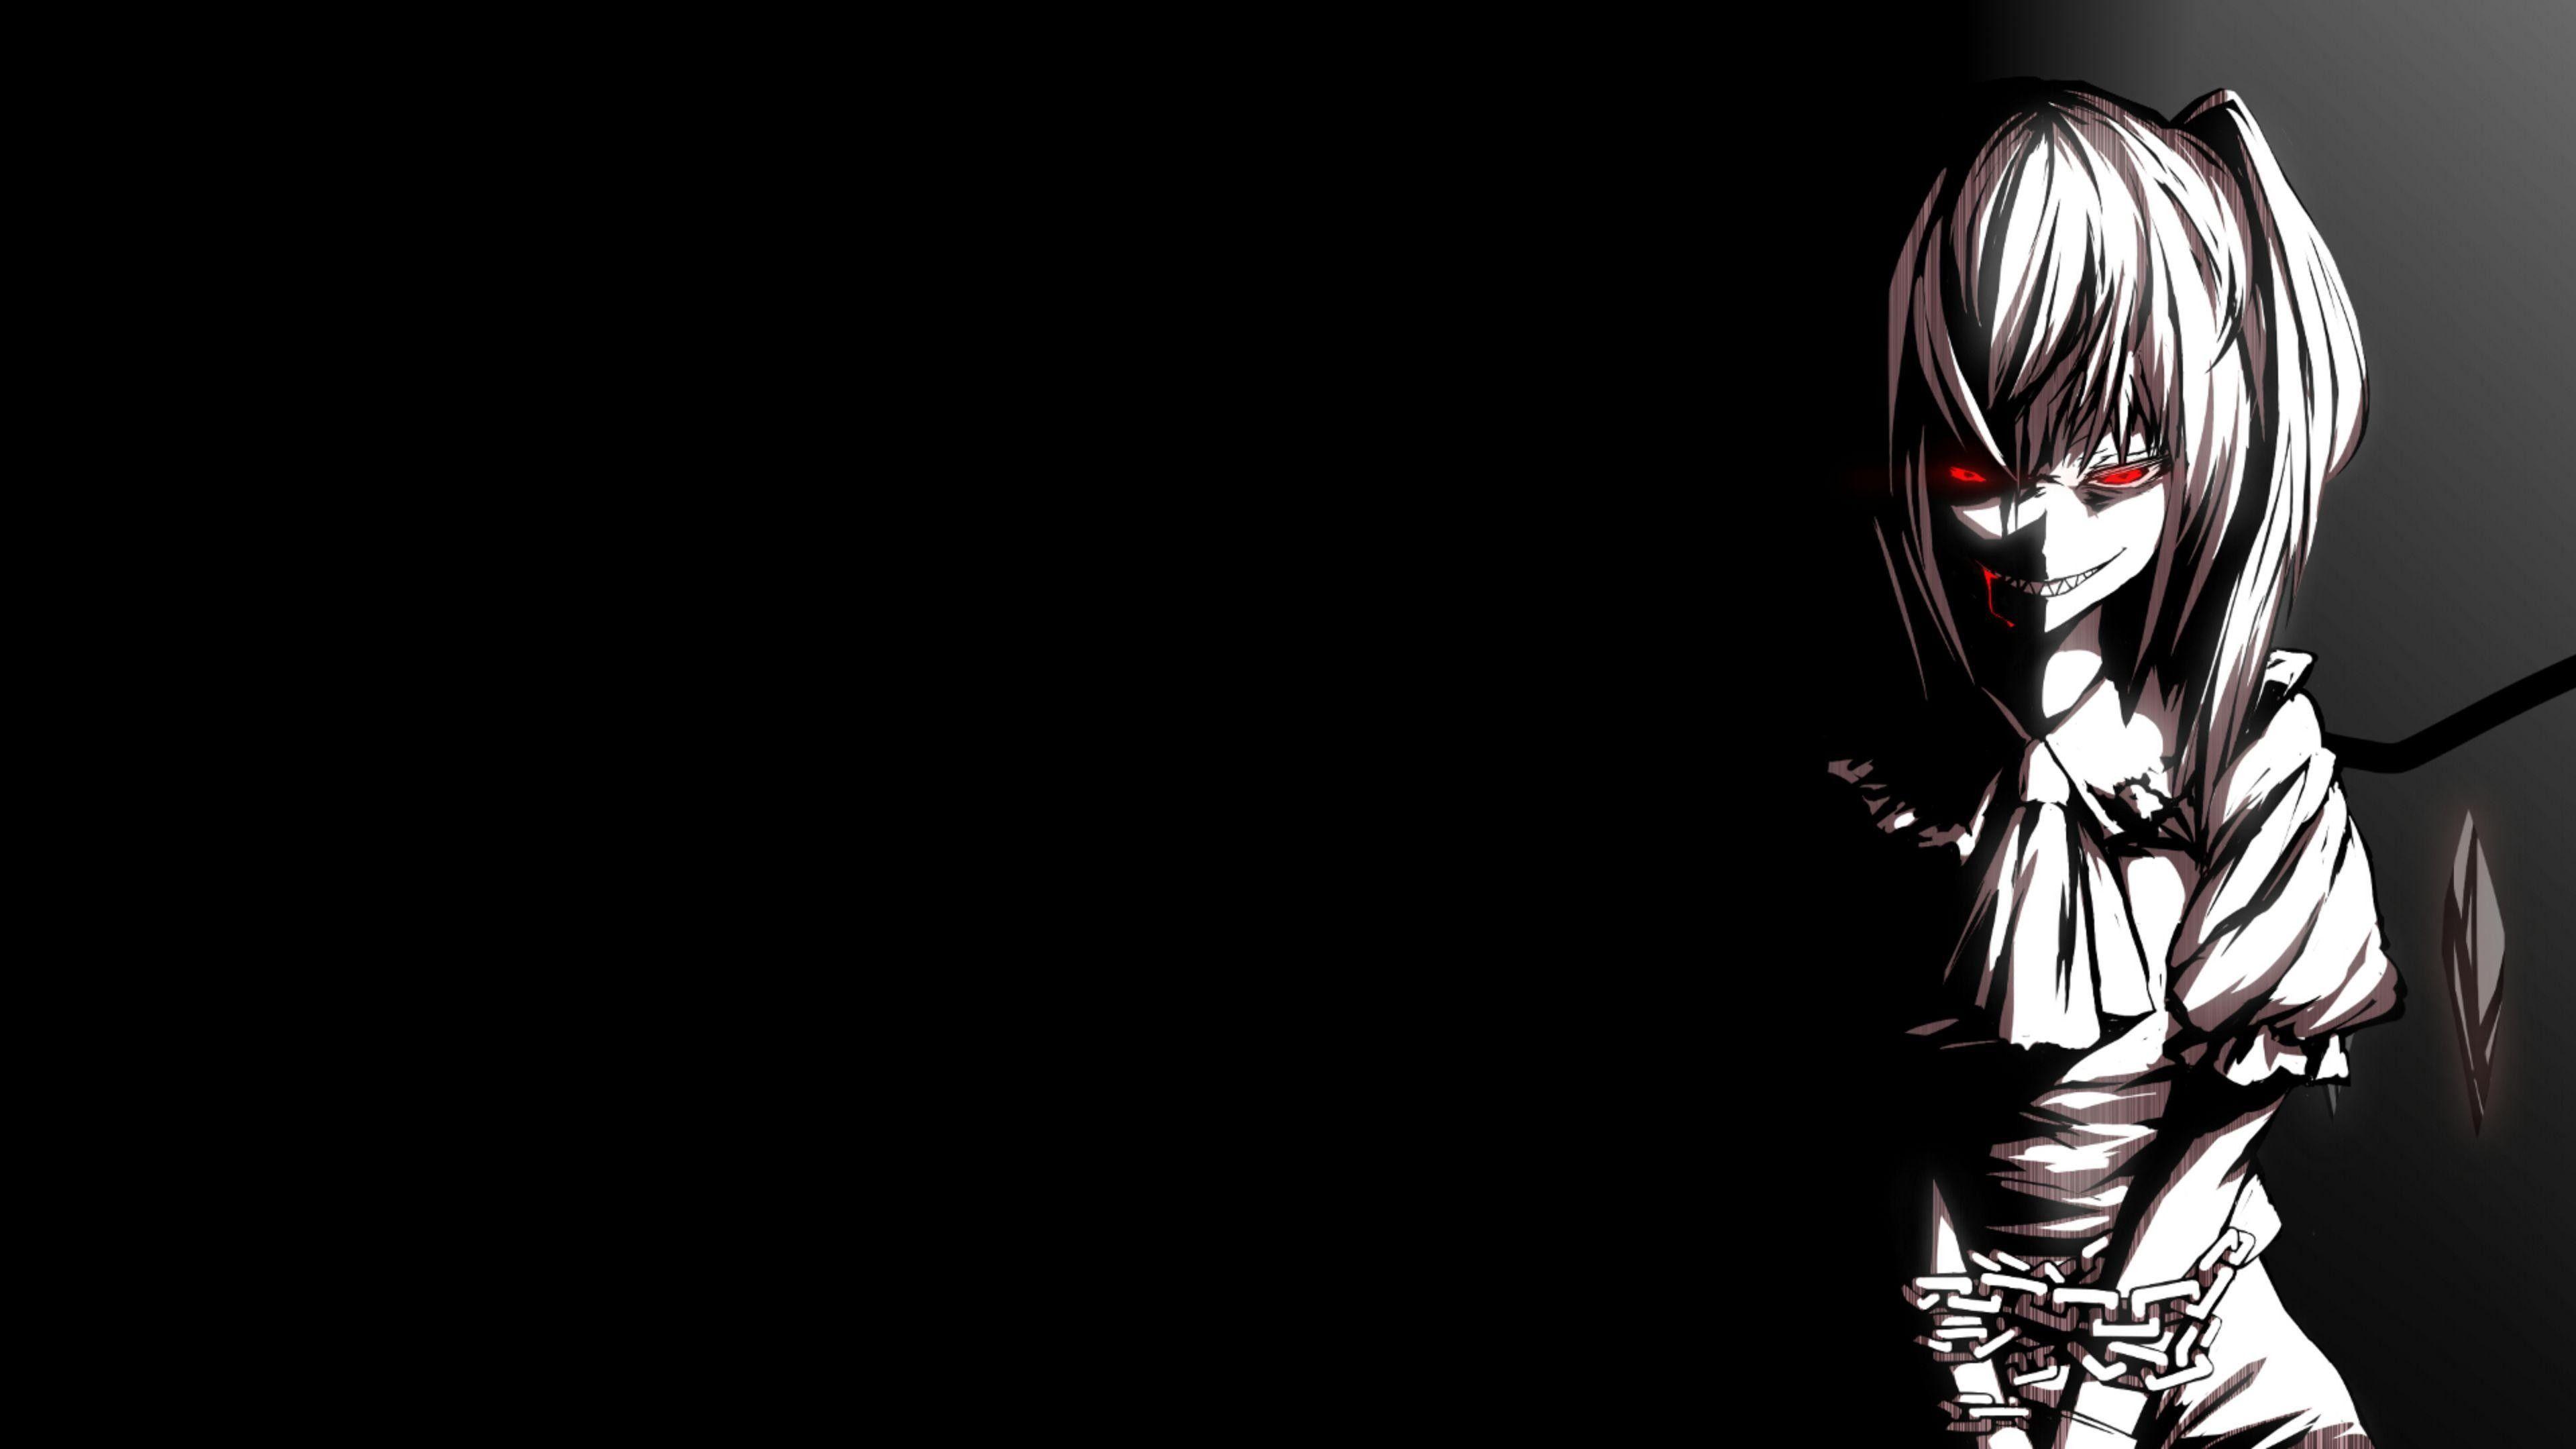 Hình nền anime đen trắng cô nàng mắt đỏ